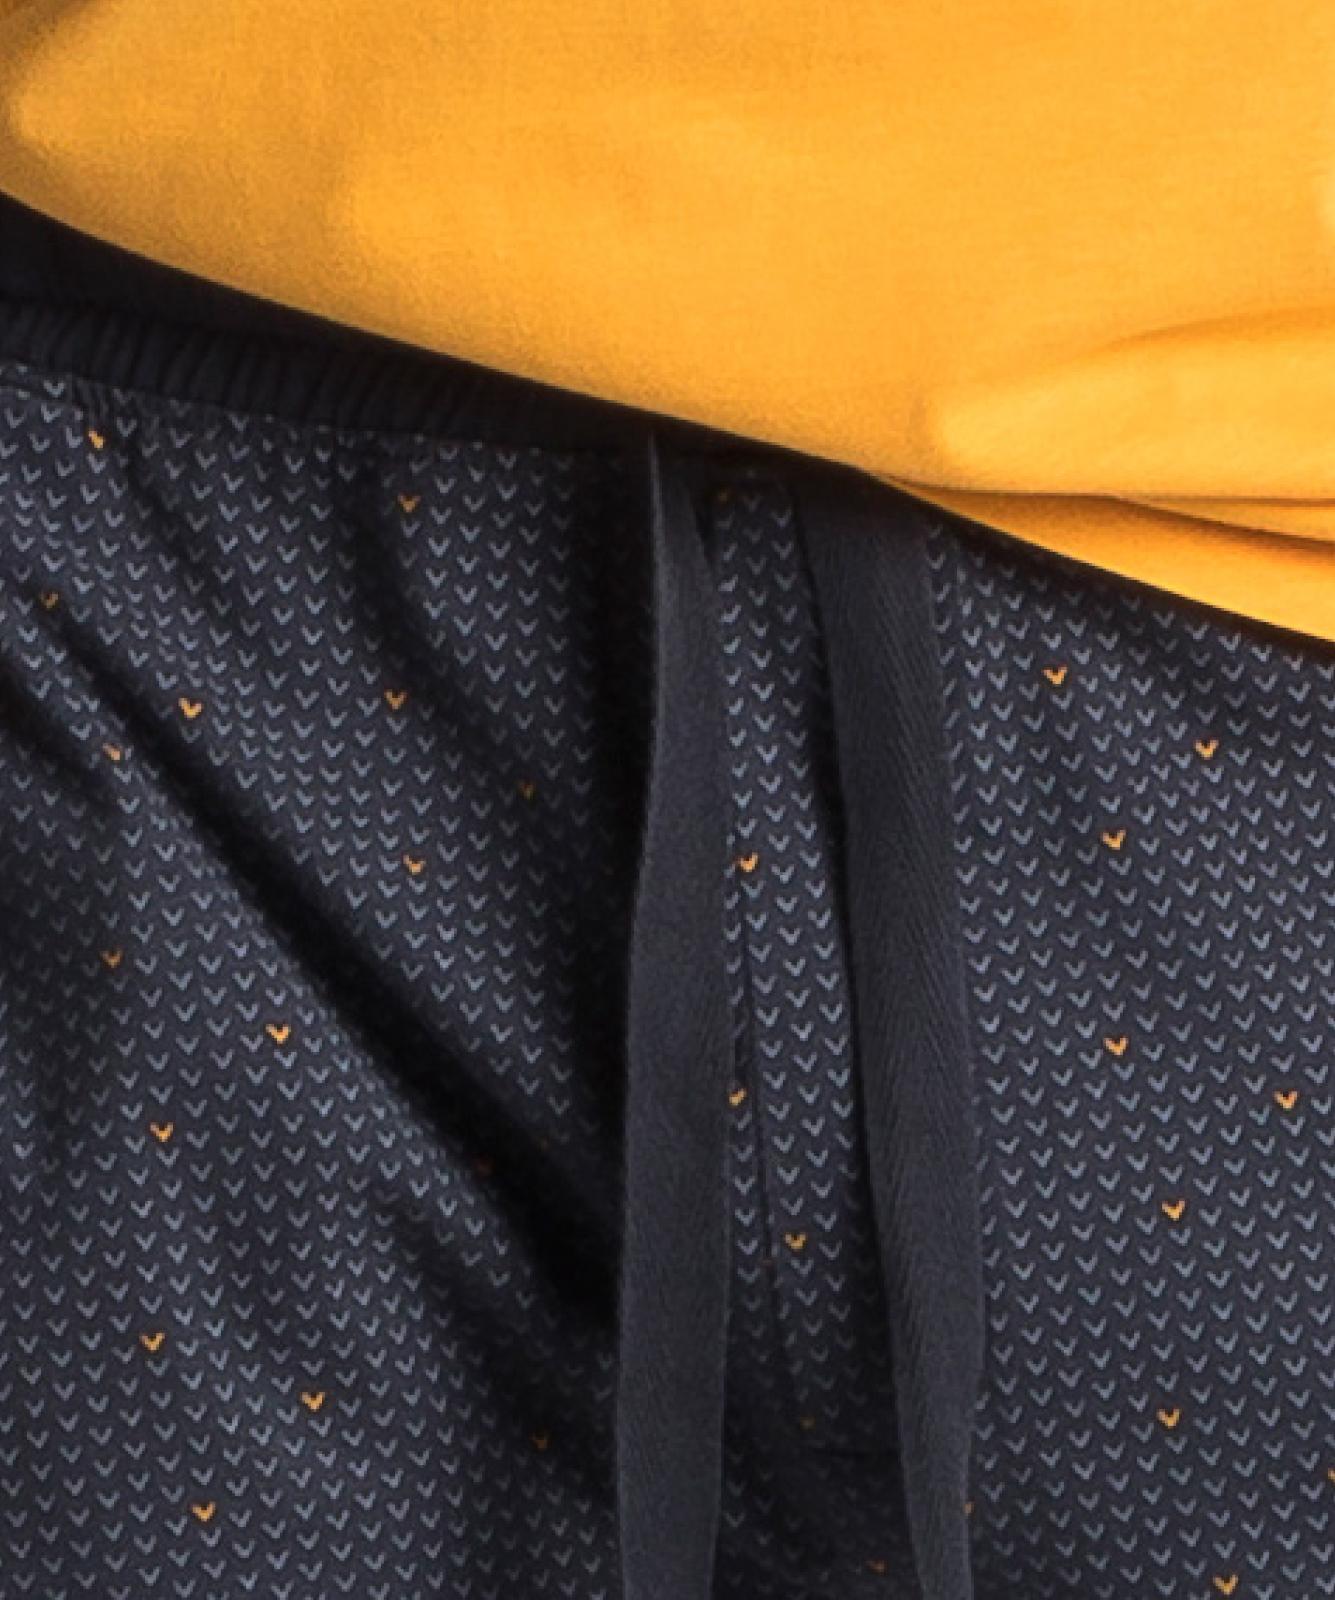 Мужская пижама Atlantic, 1 шт. в уп., хлопок, желтая, NMP-347